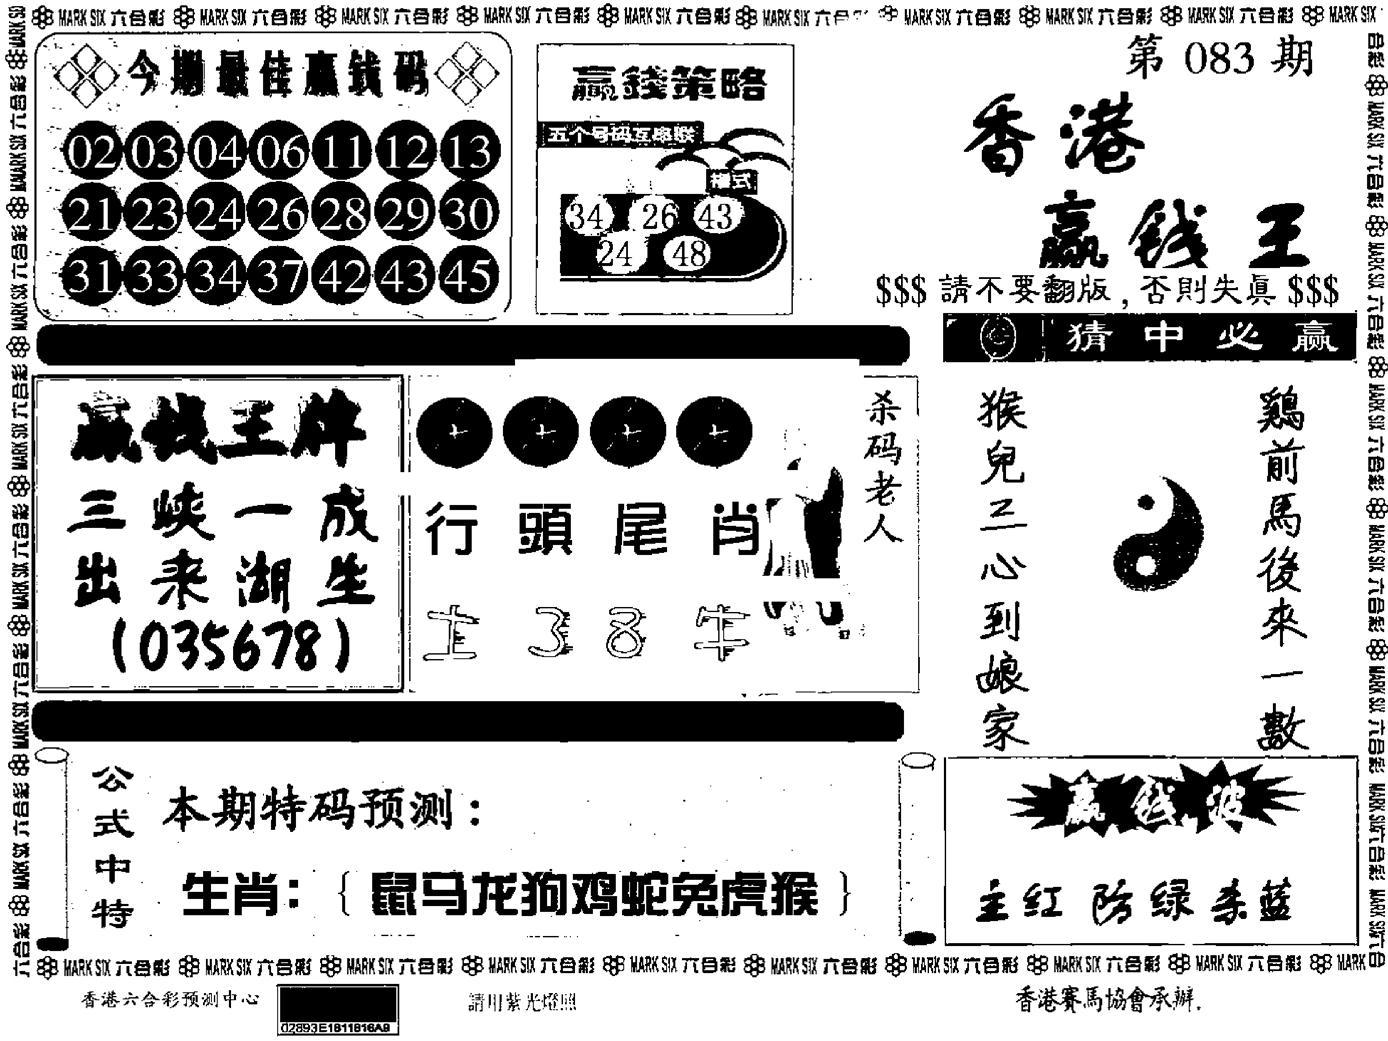 083期九龙赢钱料(黑白)